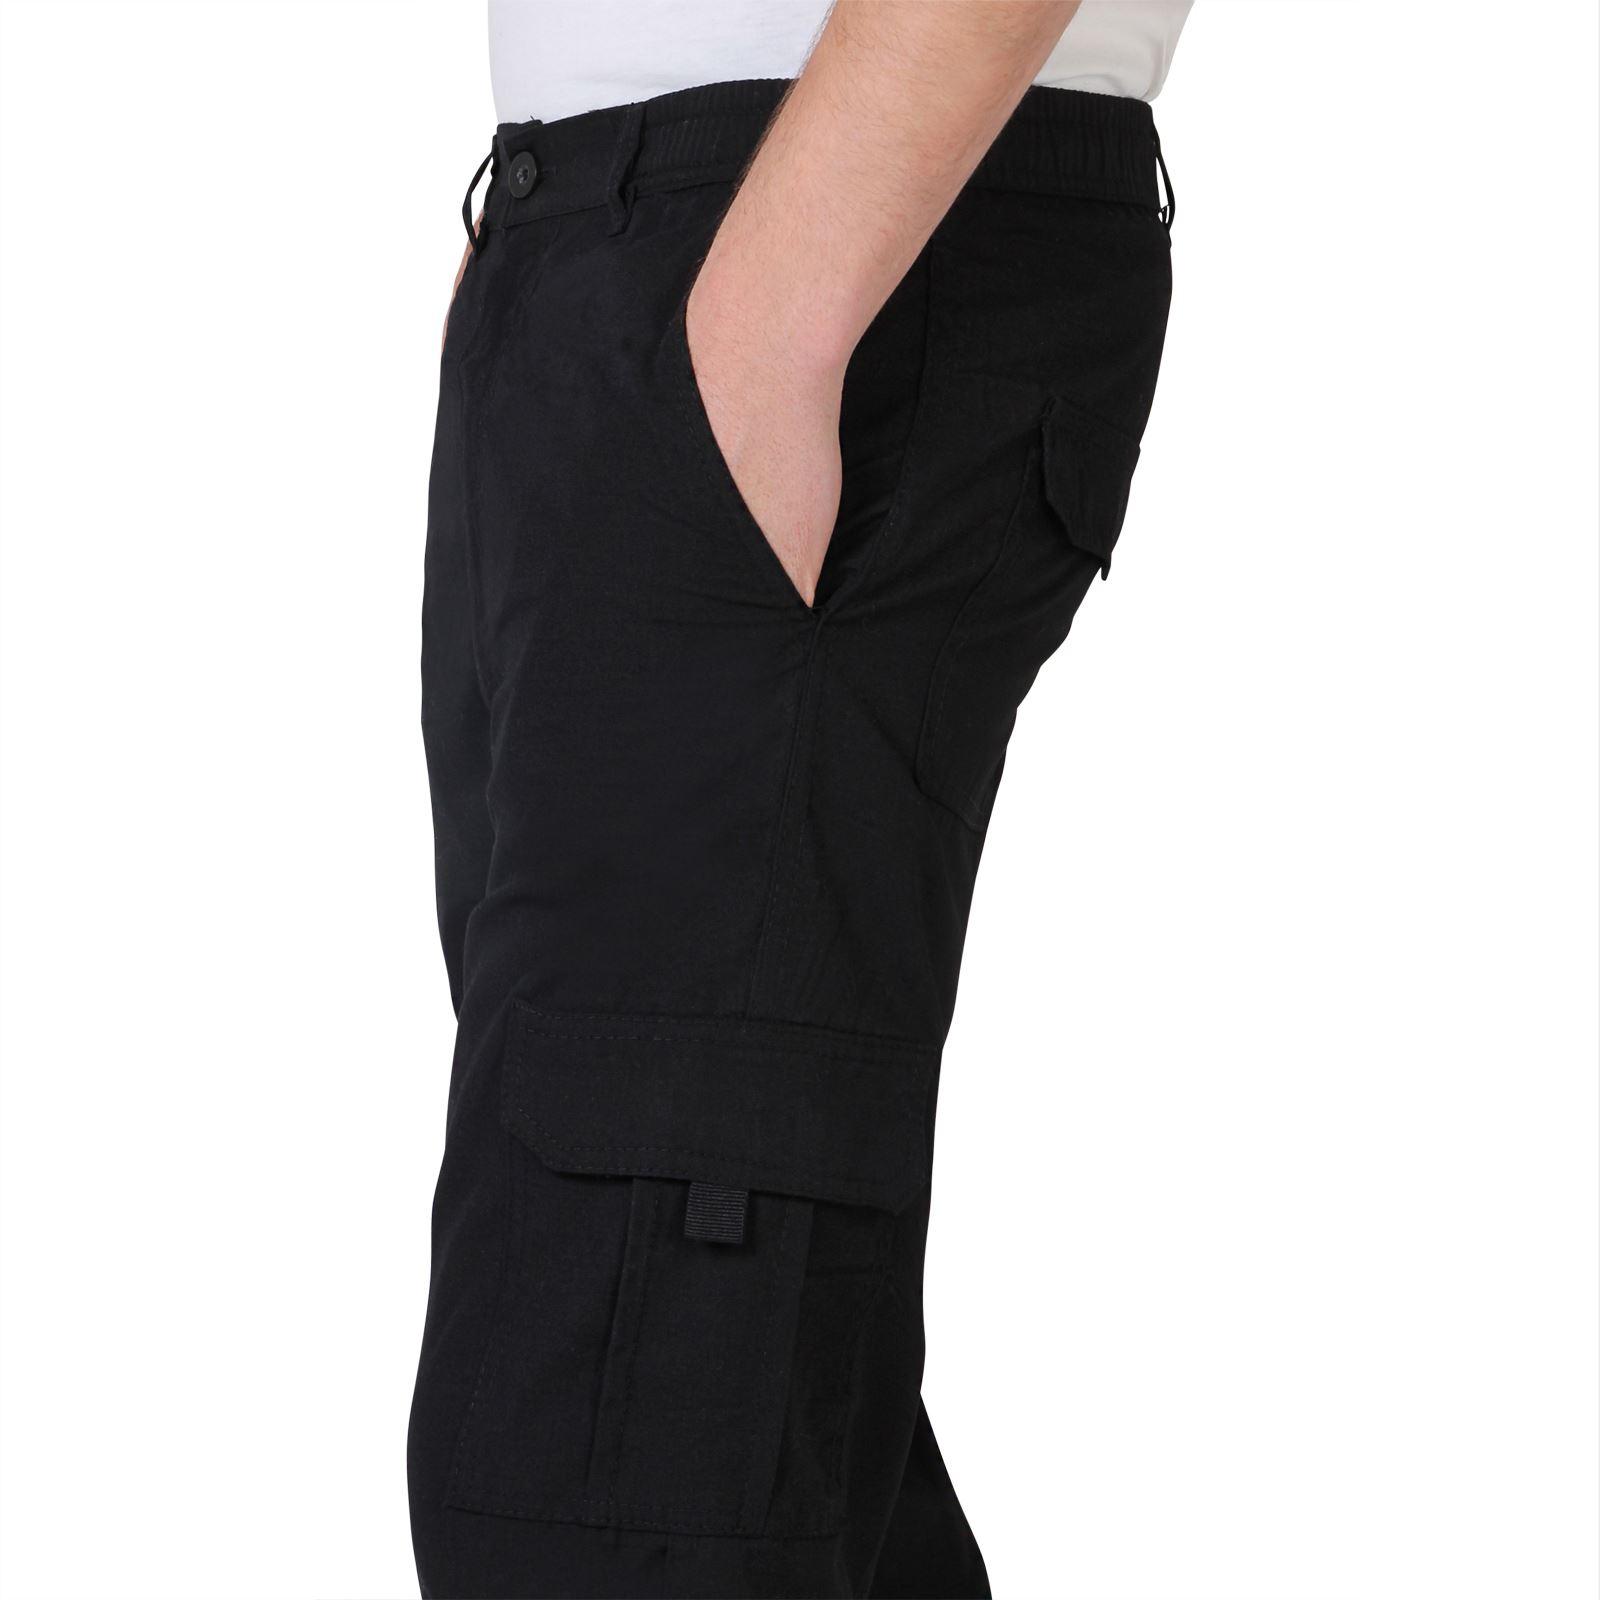 Uomo-Militare-Cargo-Pantaloni-Cotone-Lavoro-Chino-Casual-Kaki miniatura 3